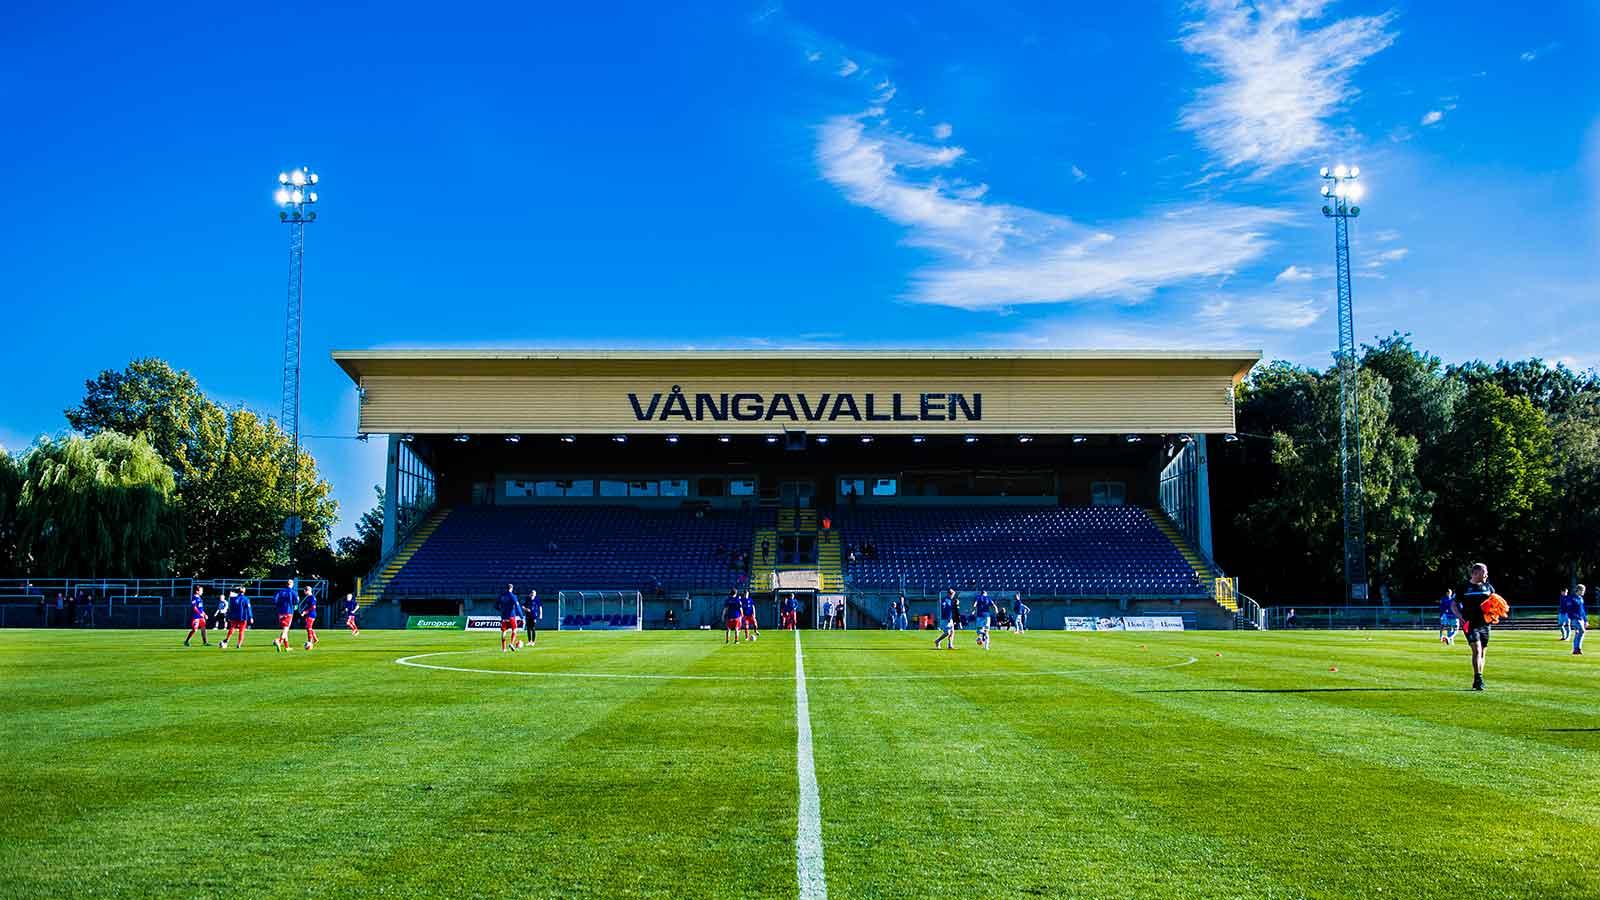 160815 Exteriör över vångavallen inför fotbollsmatchen i Superettan mellan Trelleborg och Åtvidaberg den 2016 i Trelleborg.